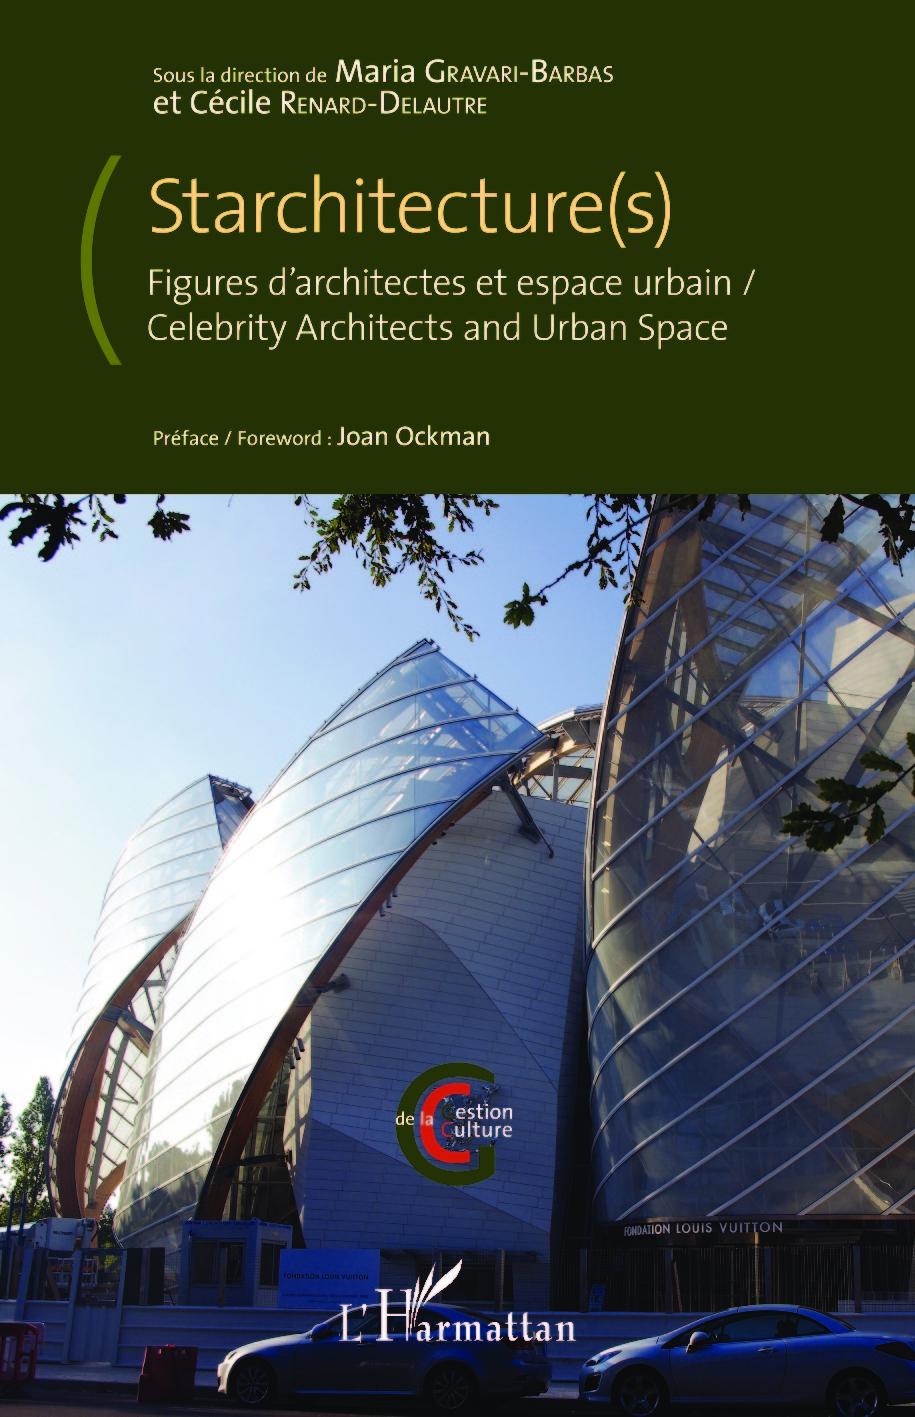 STARCHITECTURE(S) FIGURES D'ARCHITECTES ET ESPACE URBAIN